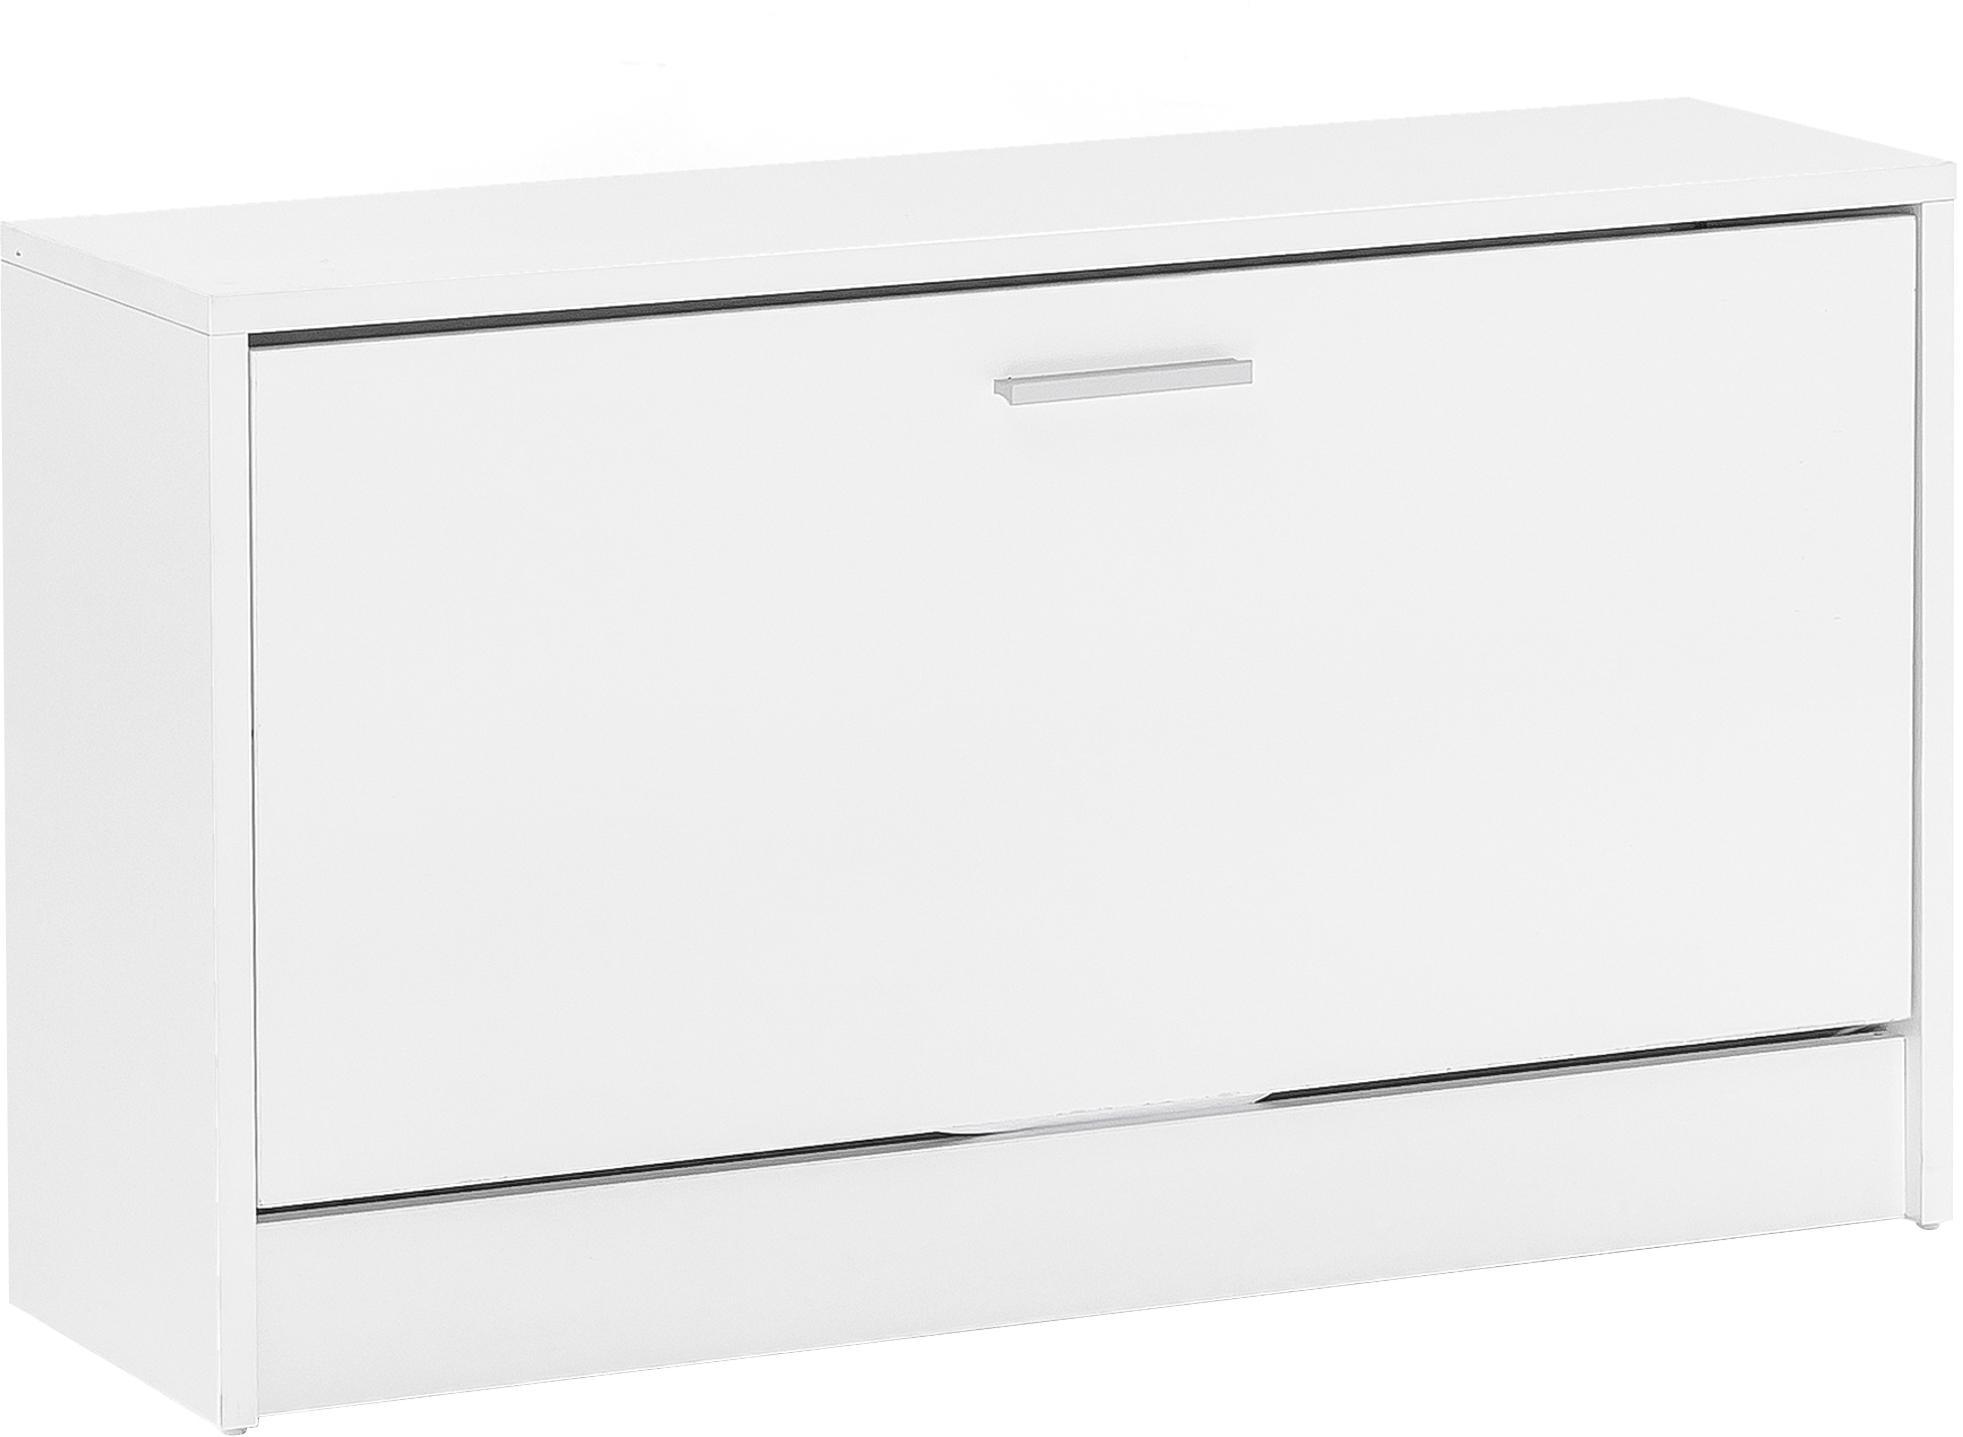 Scarpiera con scomparto pieghevole Zoey, Truciolato, melaminico, Bianco, Larg. 80 x Alt. 47 cm